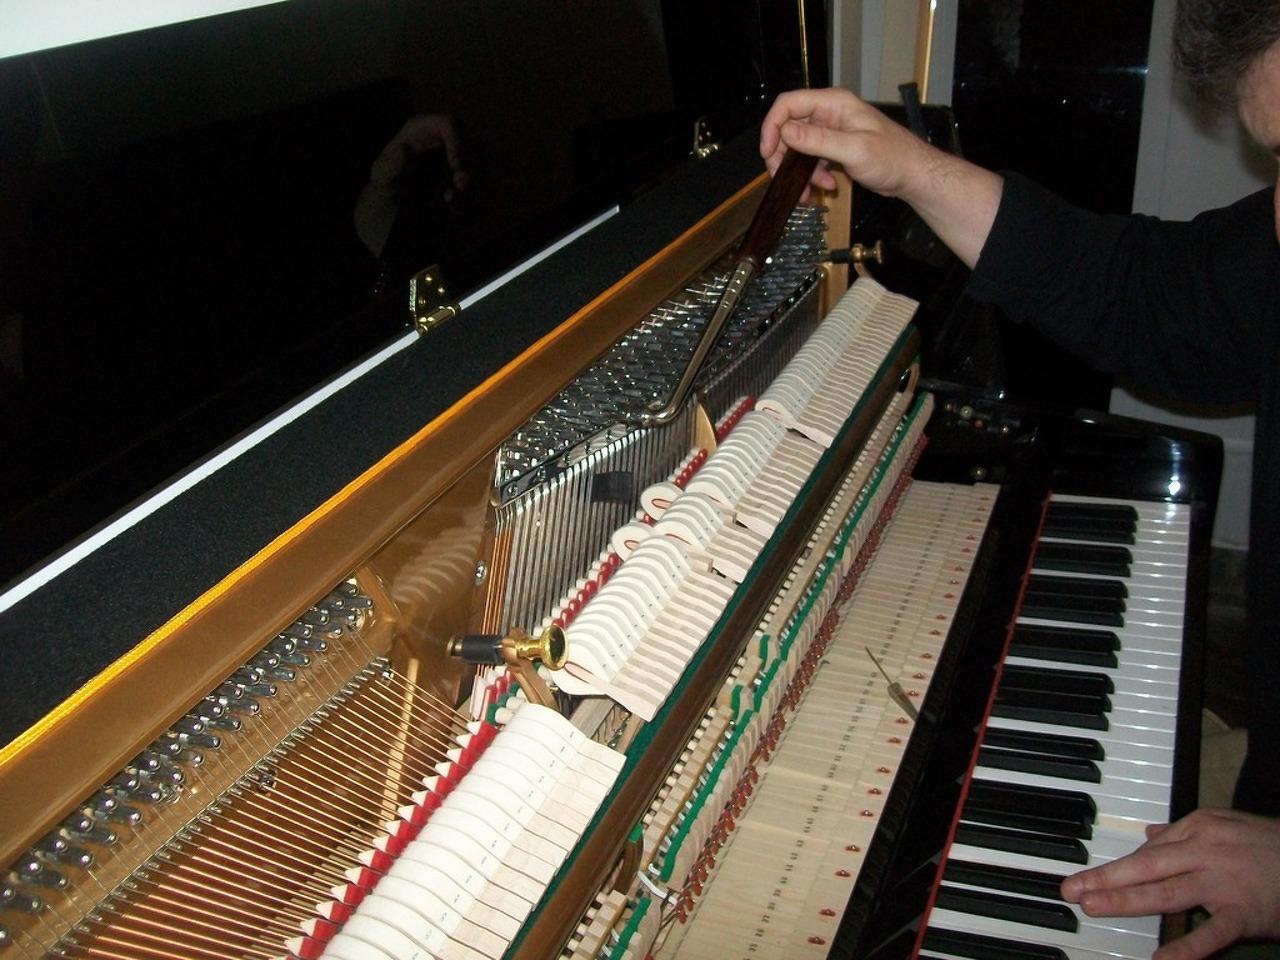 Afinador técnico de pianos . Lisboa - 4/5